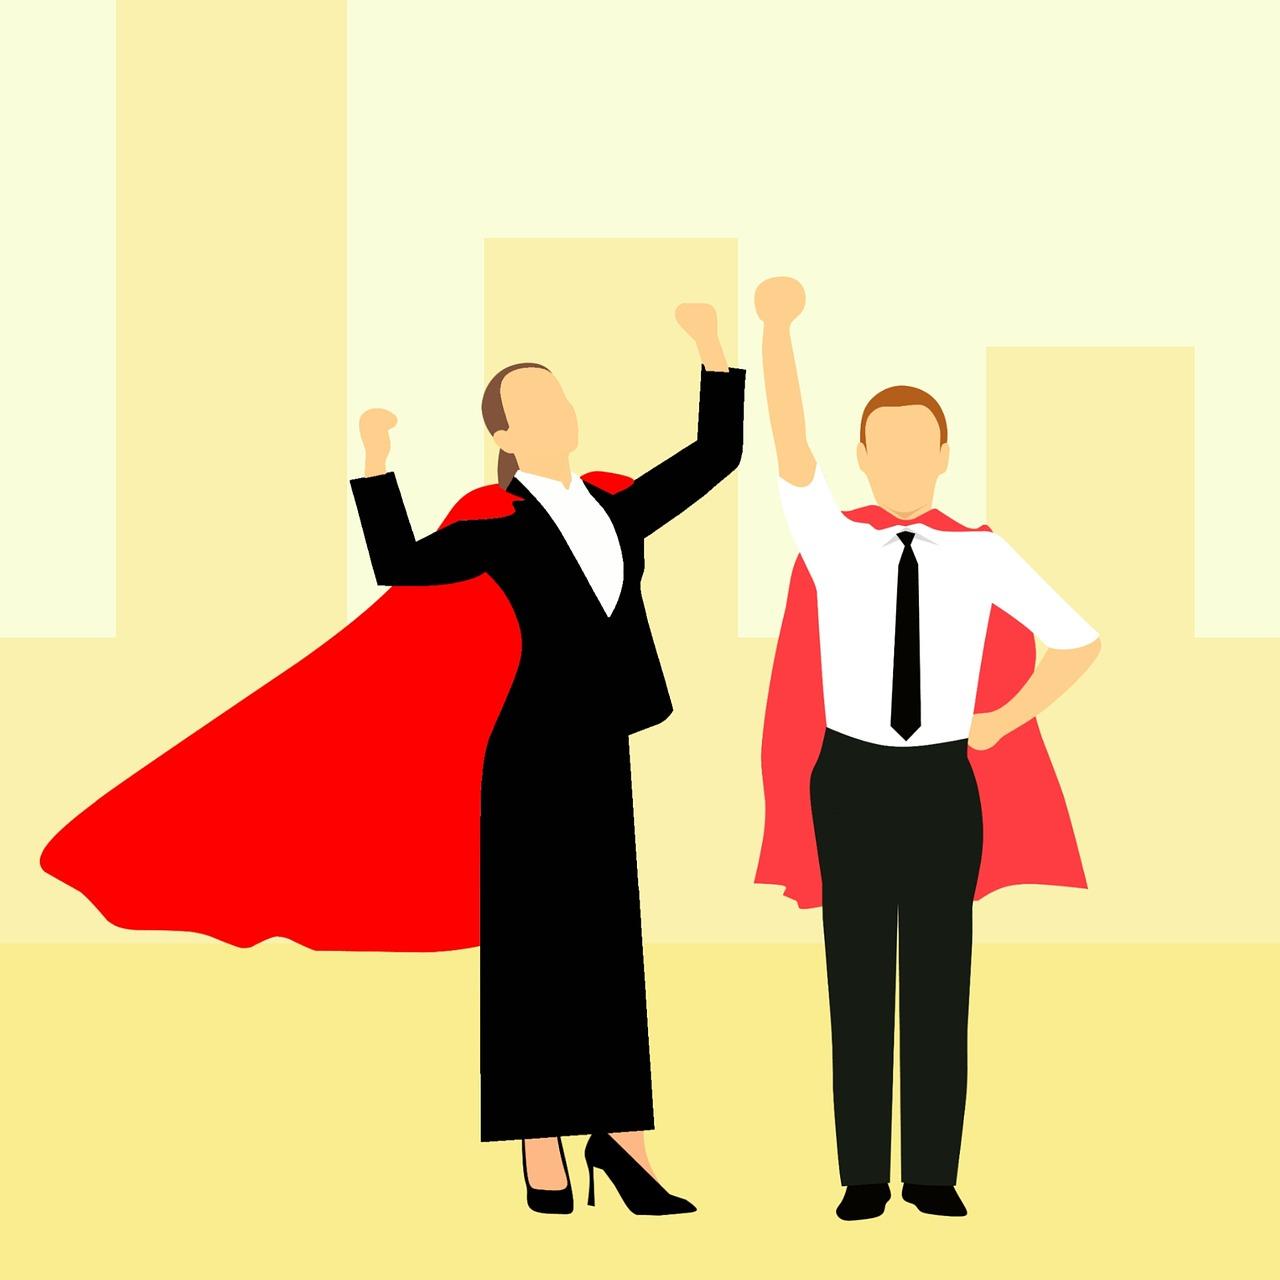 Faire face au manque de reconnaissance au travail